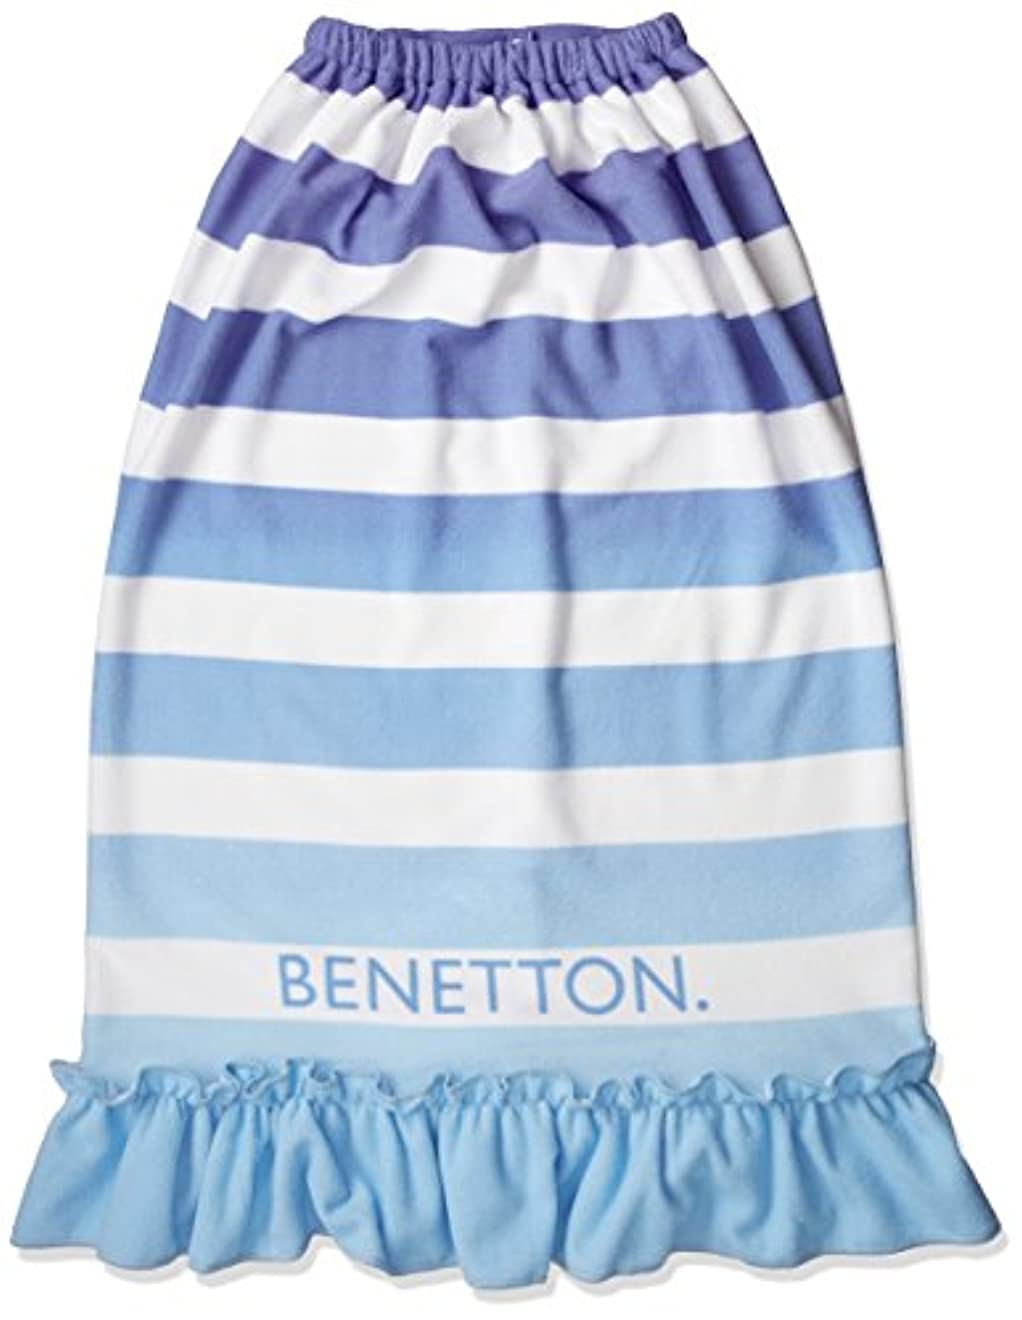 機構したがって散髪(ベネトン)Benetton(ベネトン) BENETTON マイクロファイバー巻きタオル128419